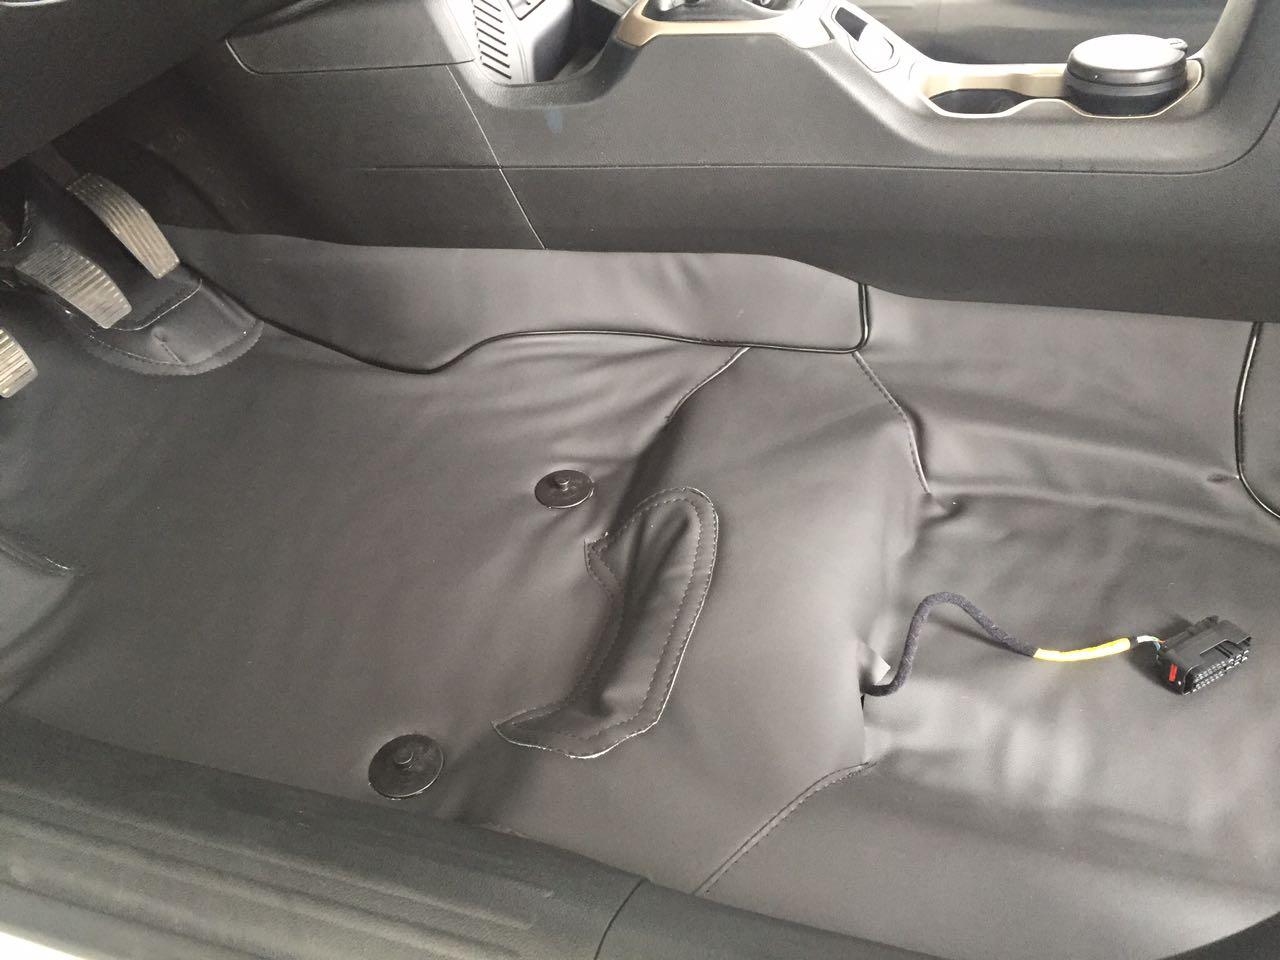 Forro Super Luxo Automotivo Assoalho chevrolet Blazer ate 2008 cobre ate a mala